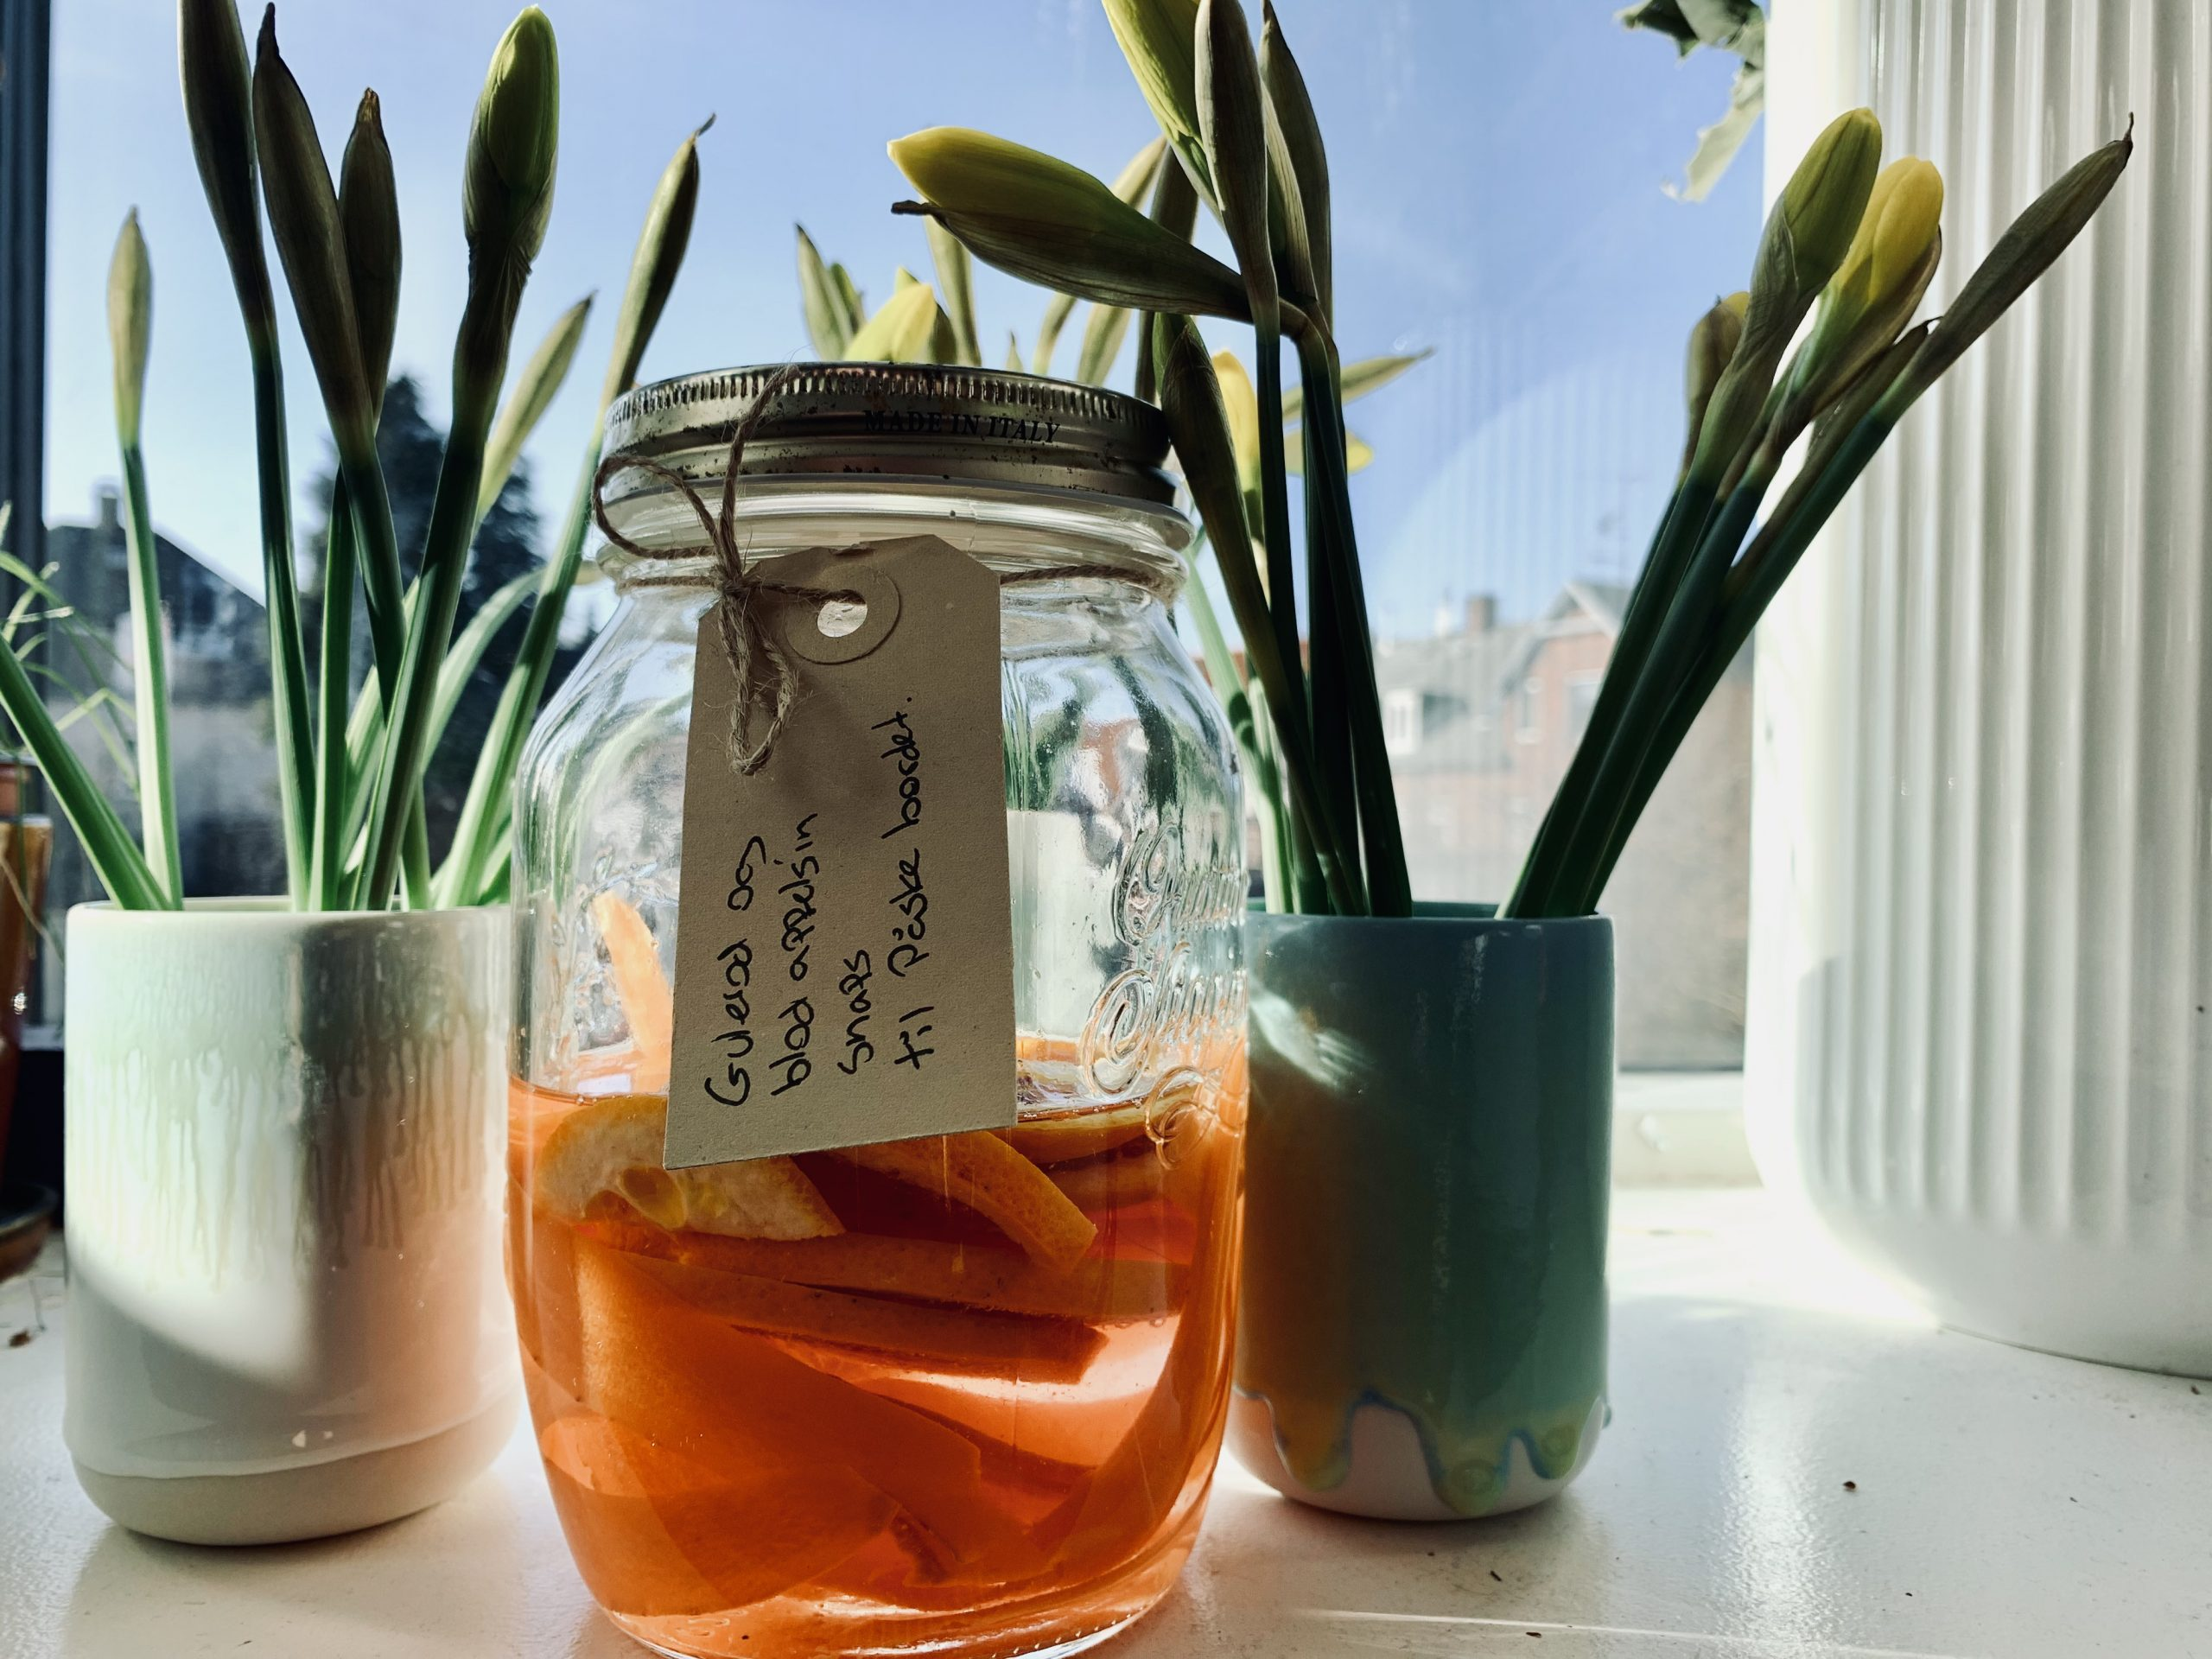 Snaps med gulerod og blodappelsin